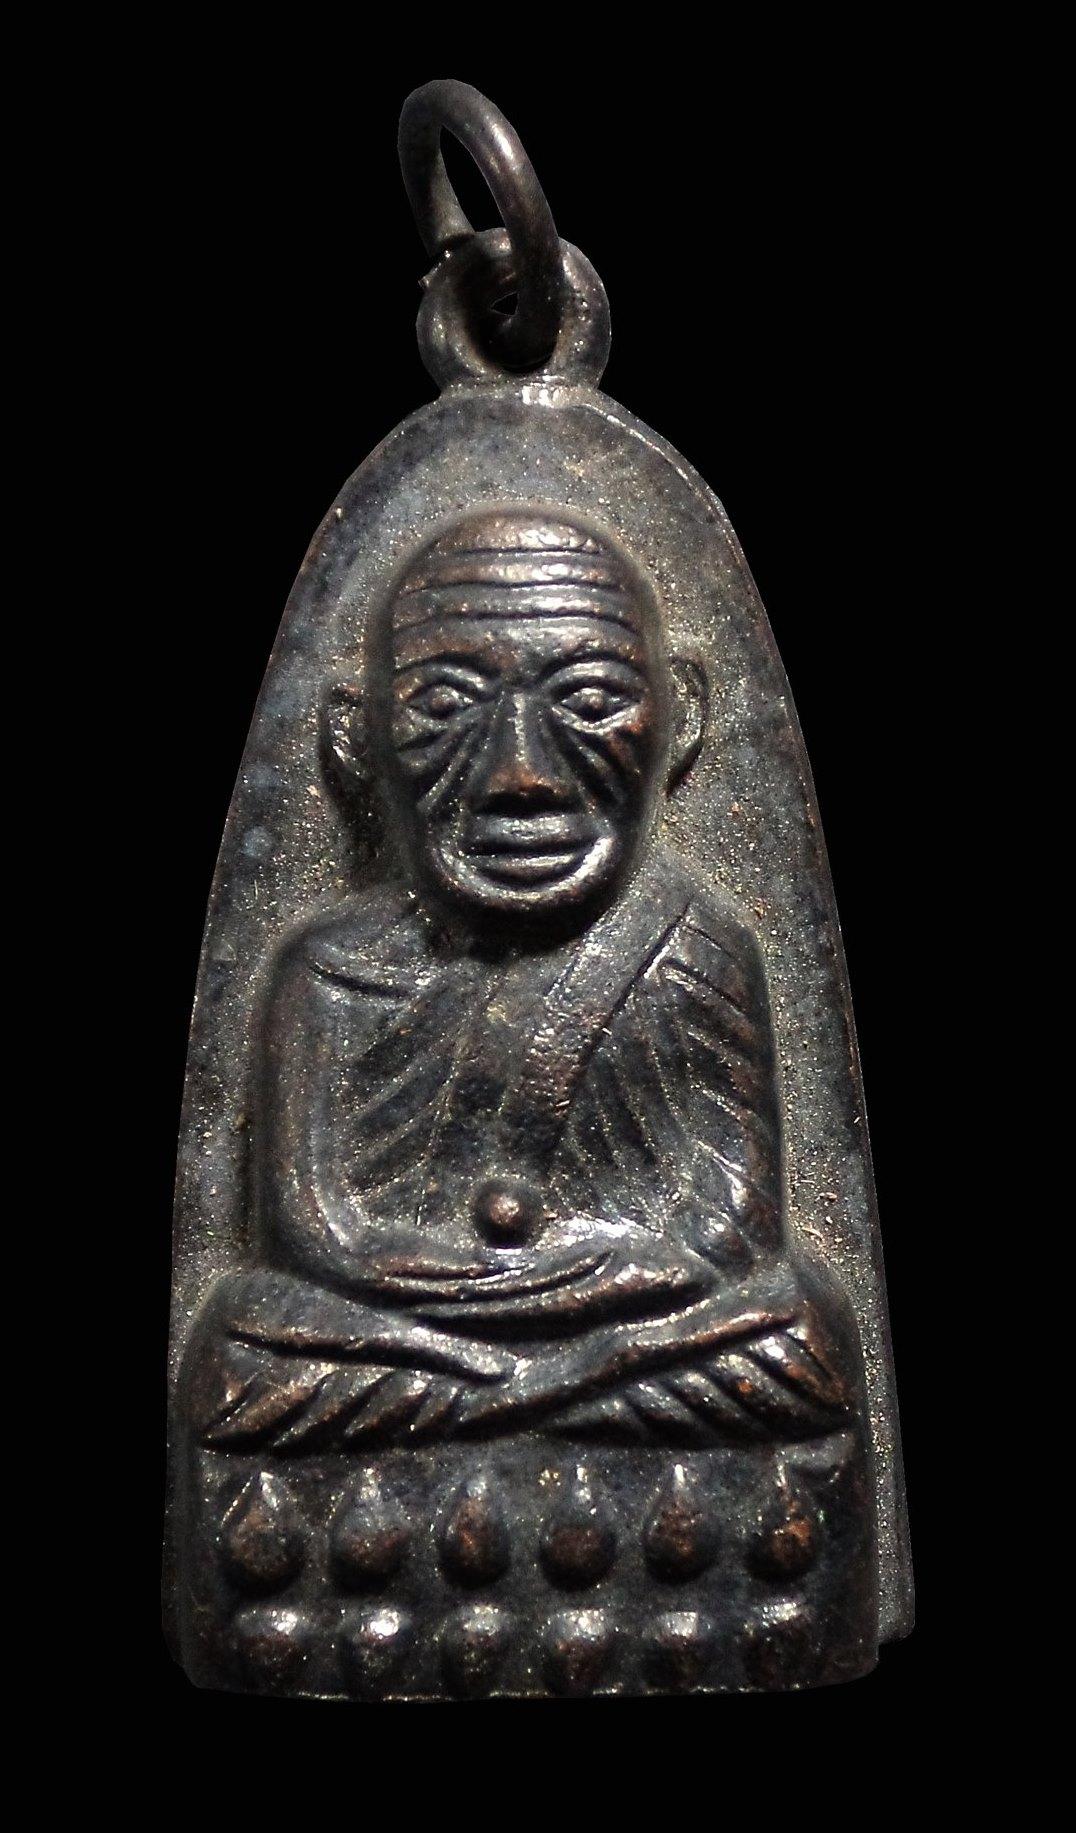 เหรียญหลวงปู่ทวด วัดช้างให้ พ.ศ. 2507 แจกปีนัง